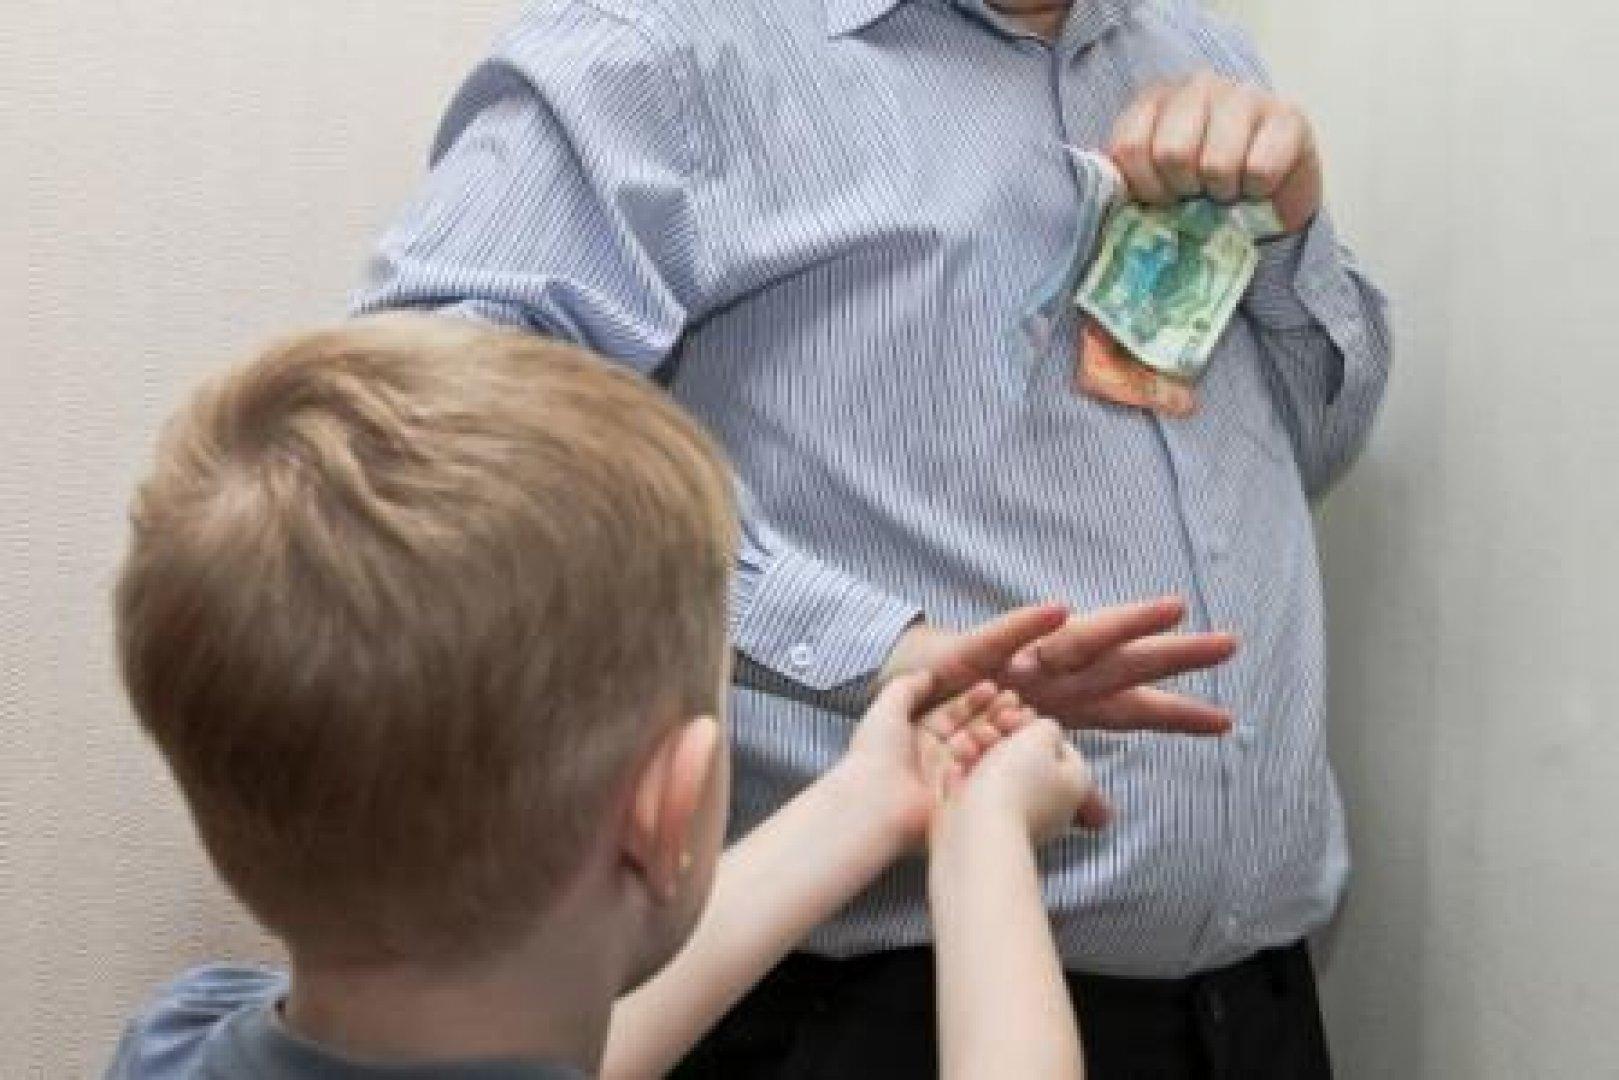 В Казахстане отцов планируют обязать платить алименты внебрачным детям   , Казахстан, Отец, Алименты, дети